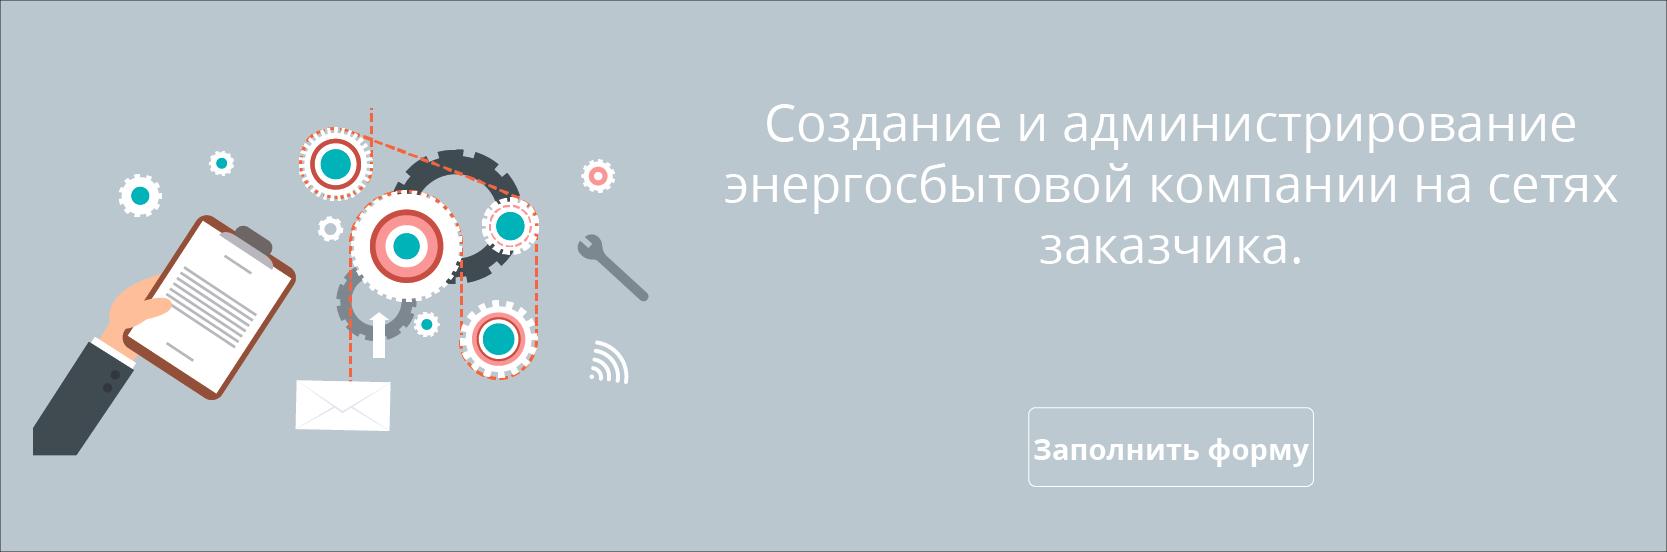 Создание и администрирование энергосбытовой компании на сетях заказчика.